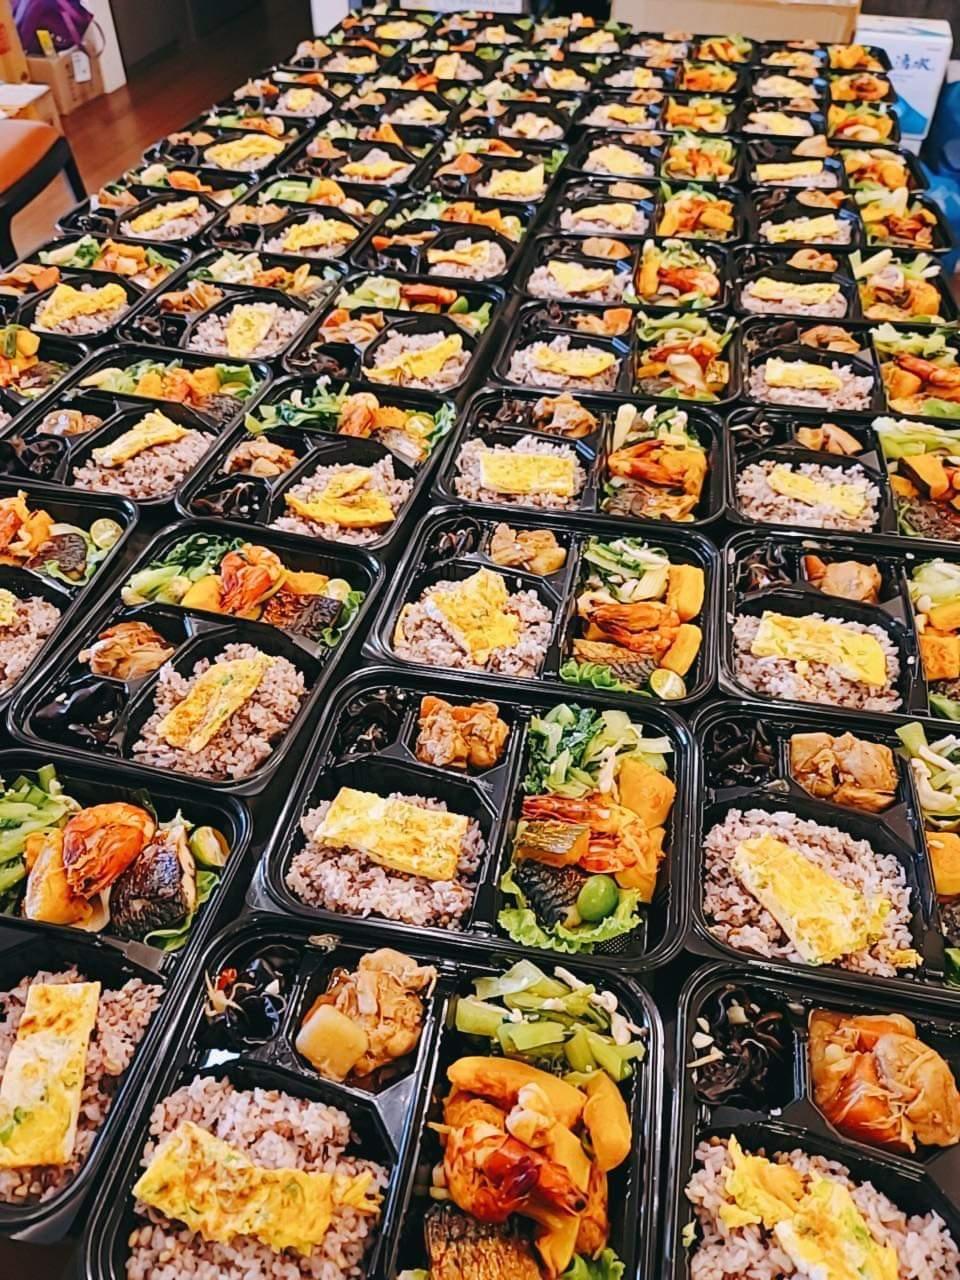 侯昌明家至今已送出150份便當,全都出自家中廚房。圖/摘自臉書